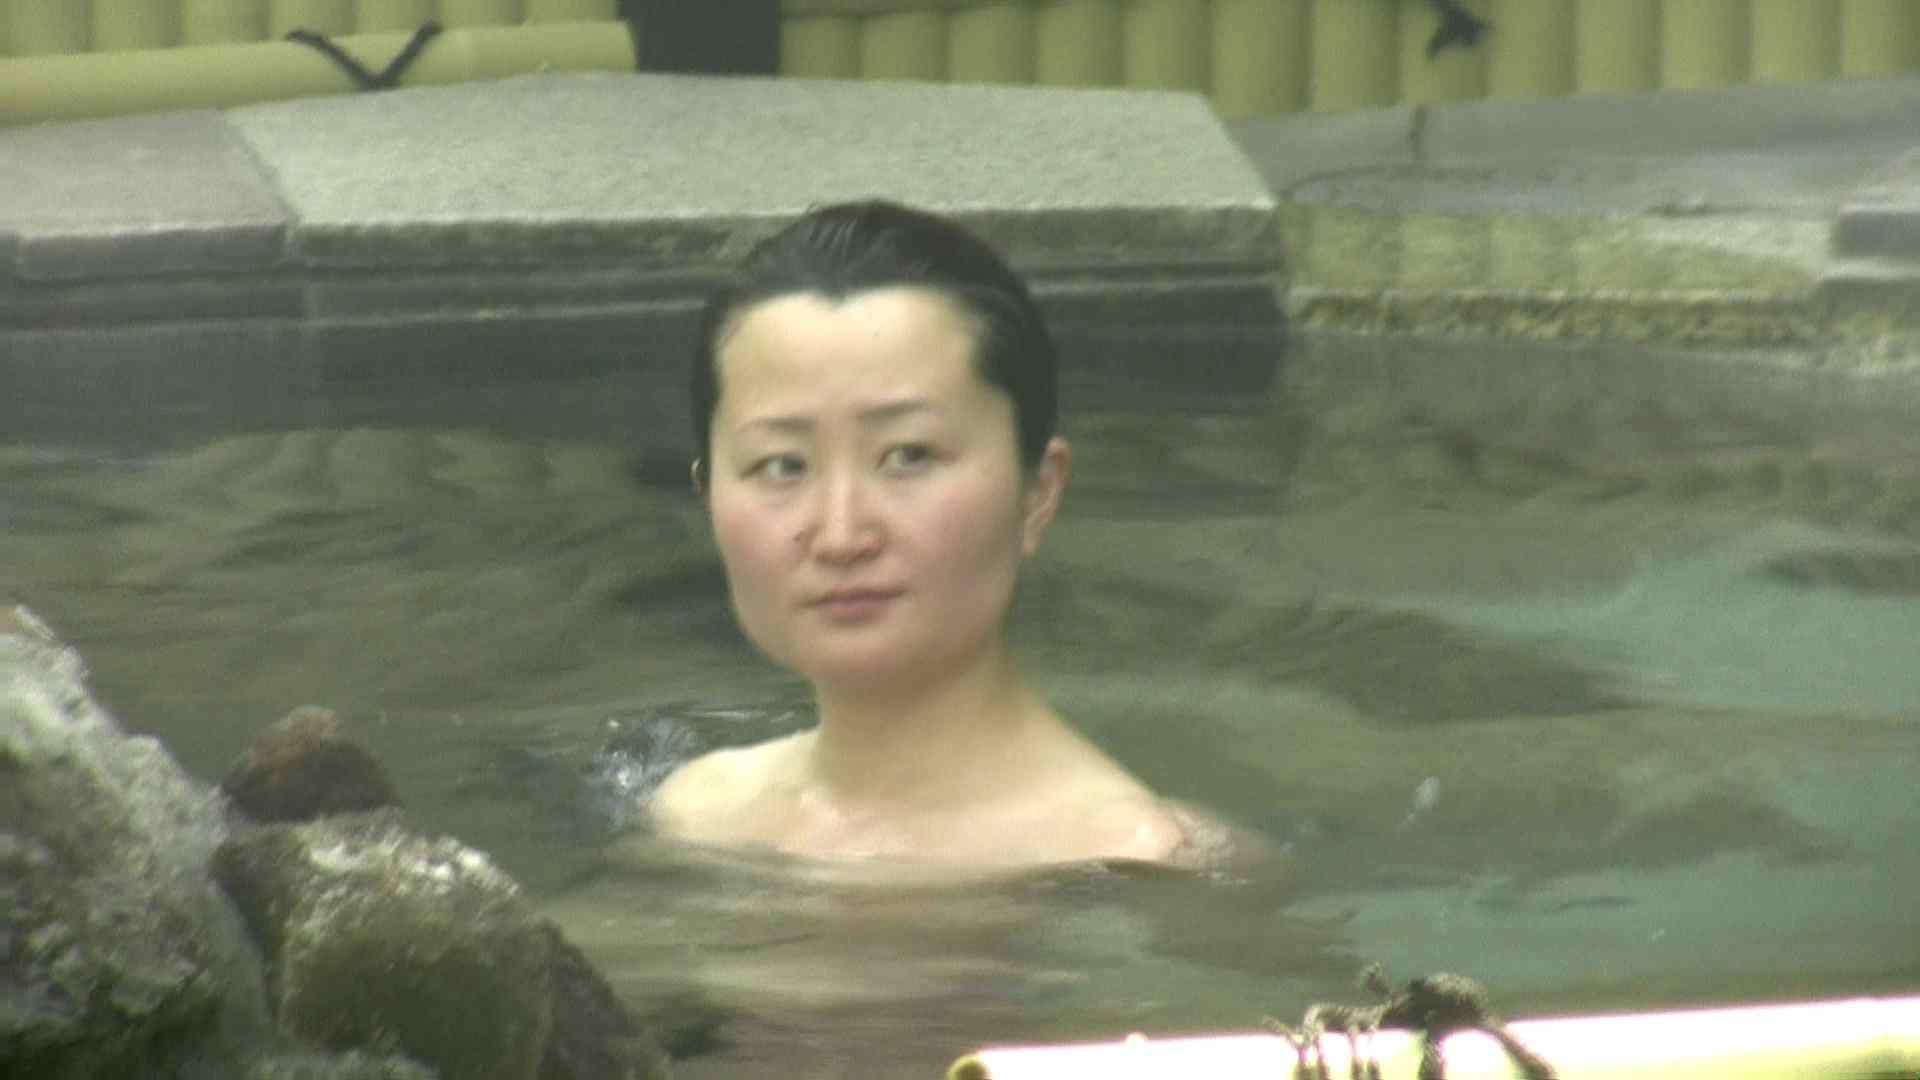 Aquaな露天風呂Vol.632 OL女体 のぞき動画画像 75連発 26